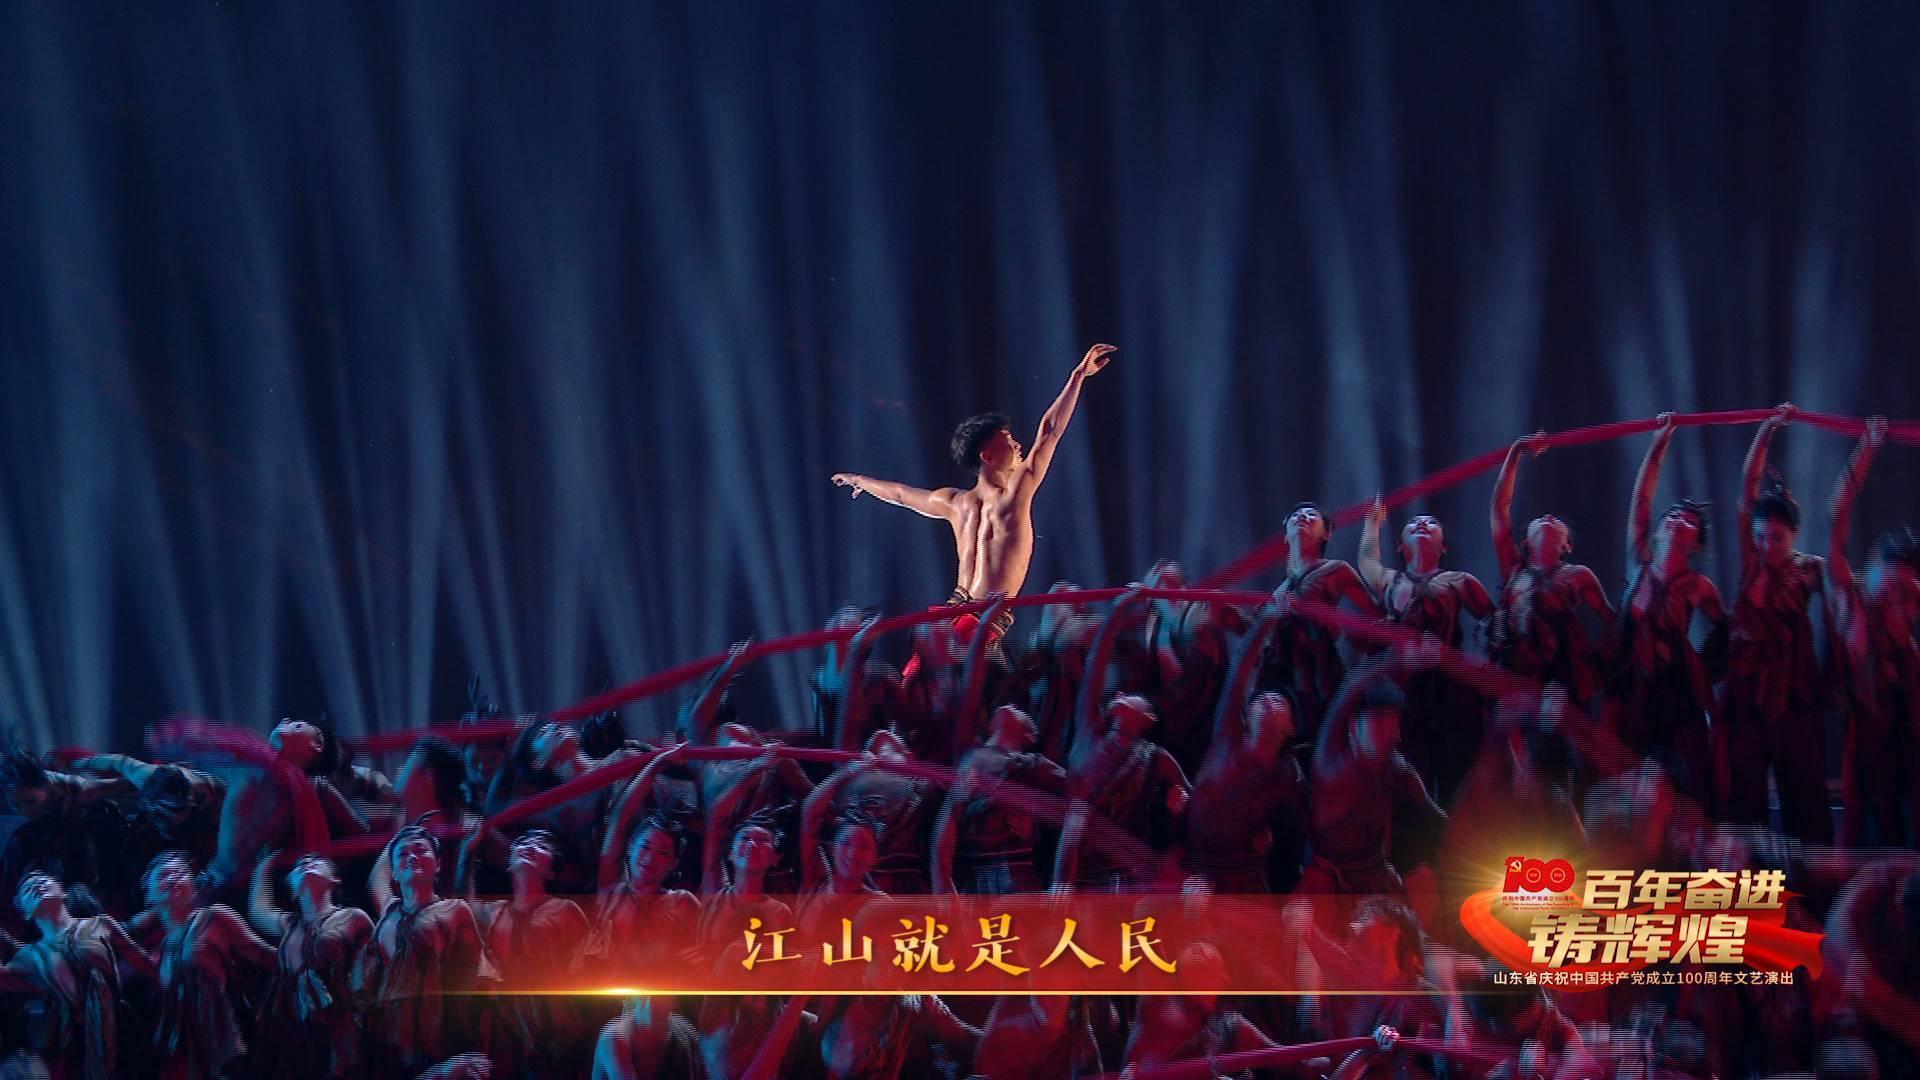 谁把人民举天上,人民把谁捧心间!歌舞《人民就是江山》唱出党与人民心连心 山东省庆祝建党百年文艺演出